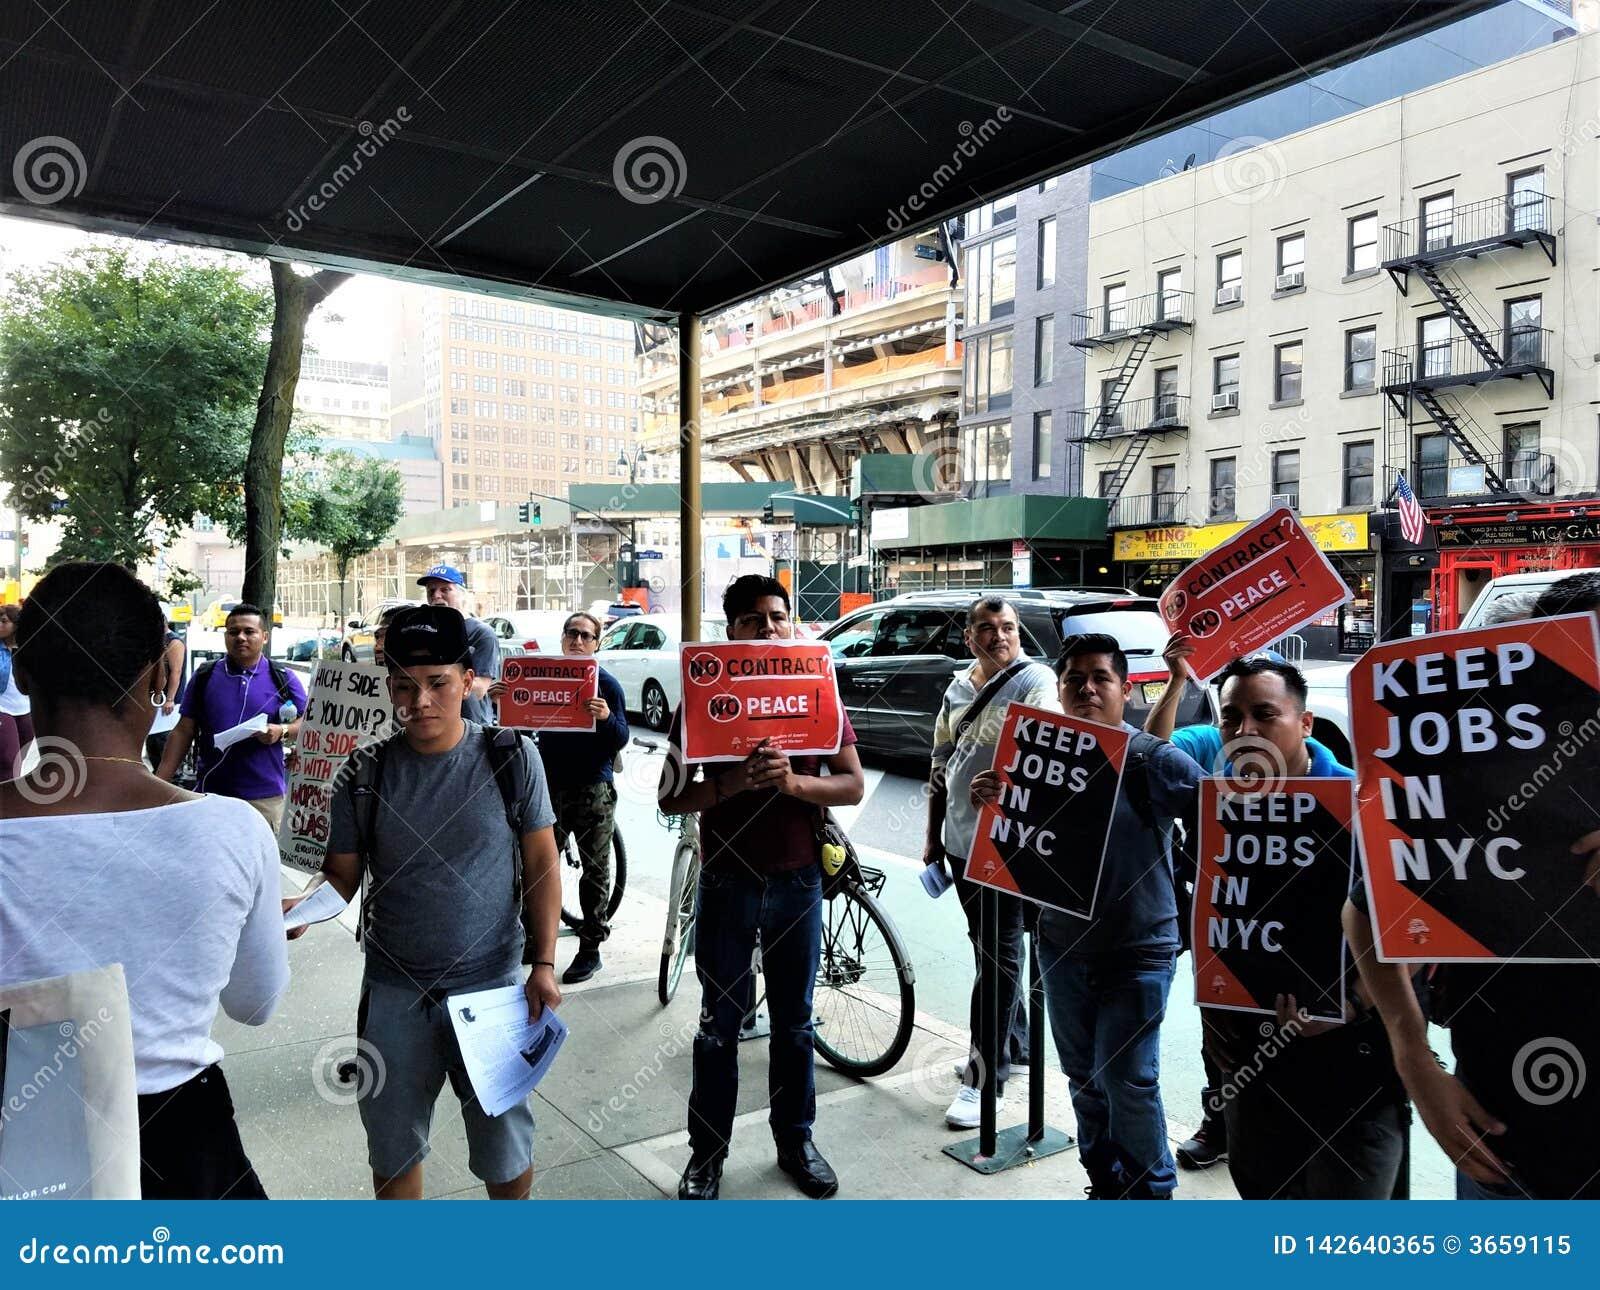 Die Leute außerhalb des B&H-Fotospeichers in Manhattan mit Zeichen halten Jobs in NYC in den Händen protestierend mit Verbandsu